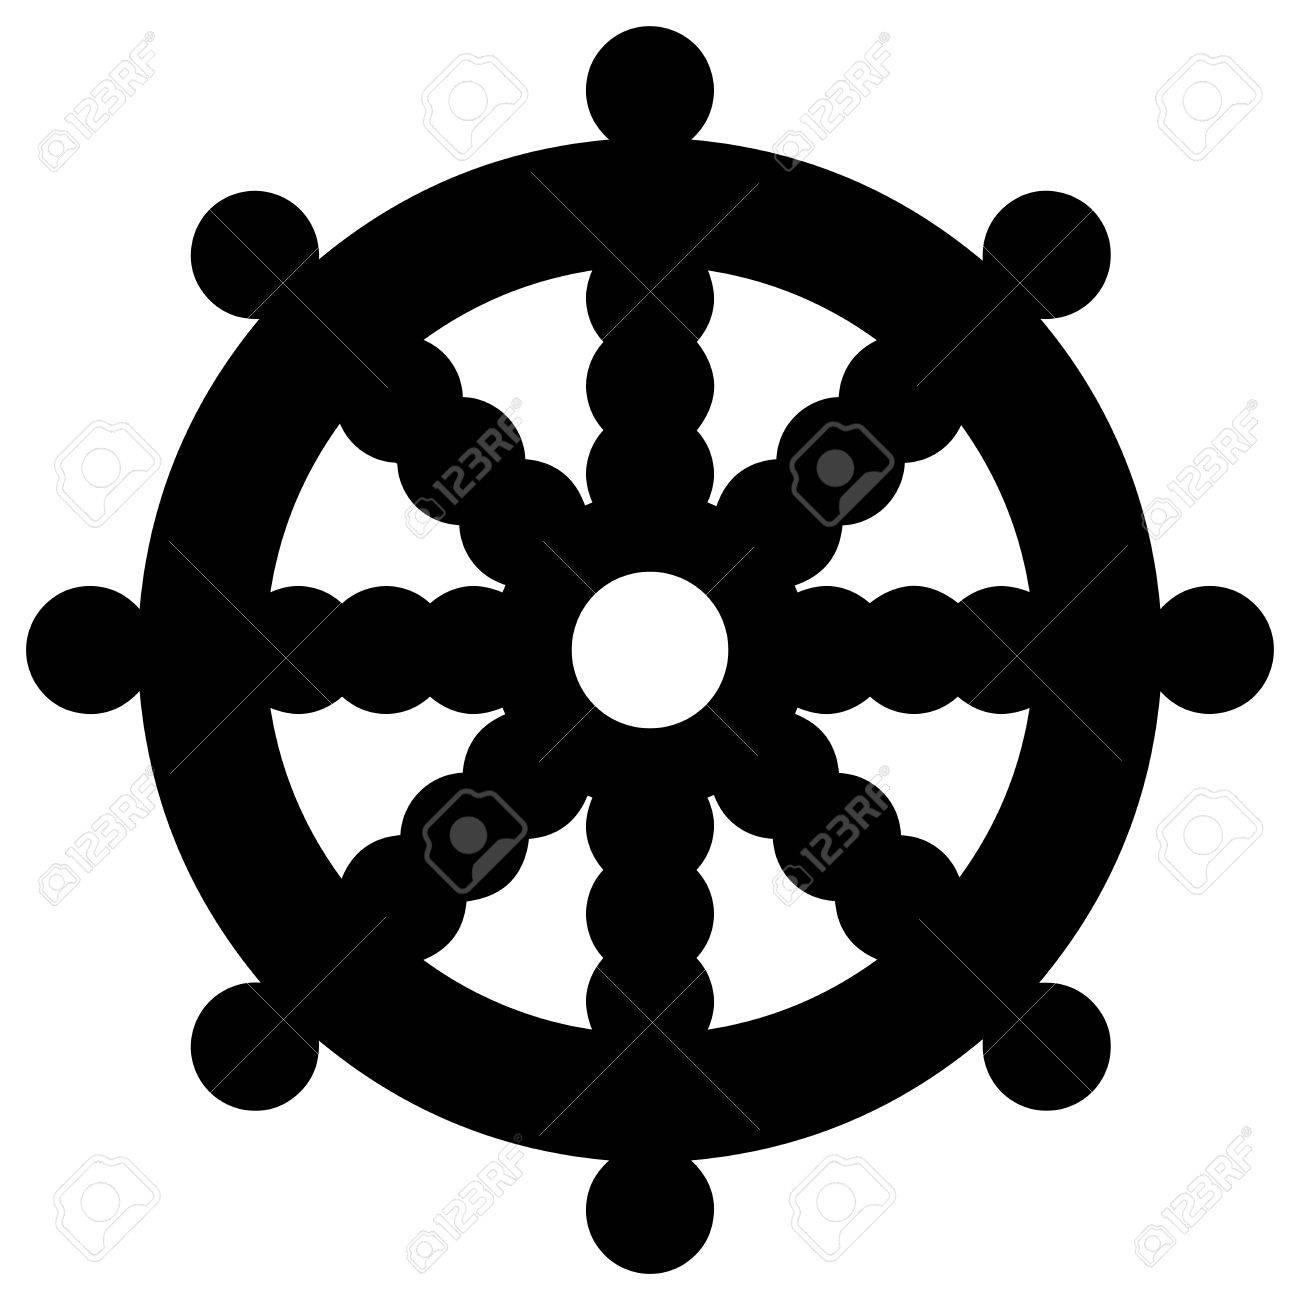 Religiose Zeichen Buddhismus Dharmacakra Vektor Format